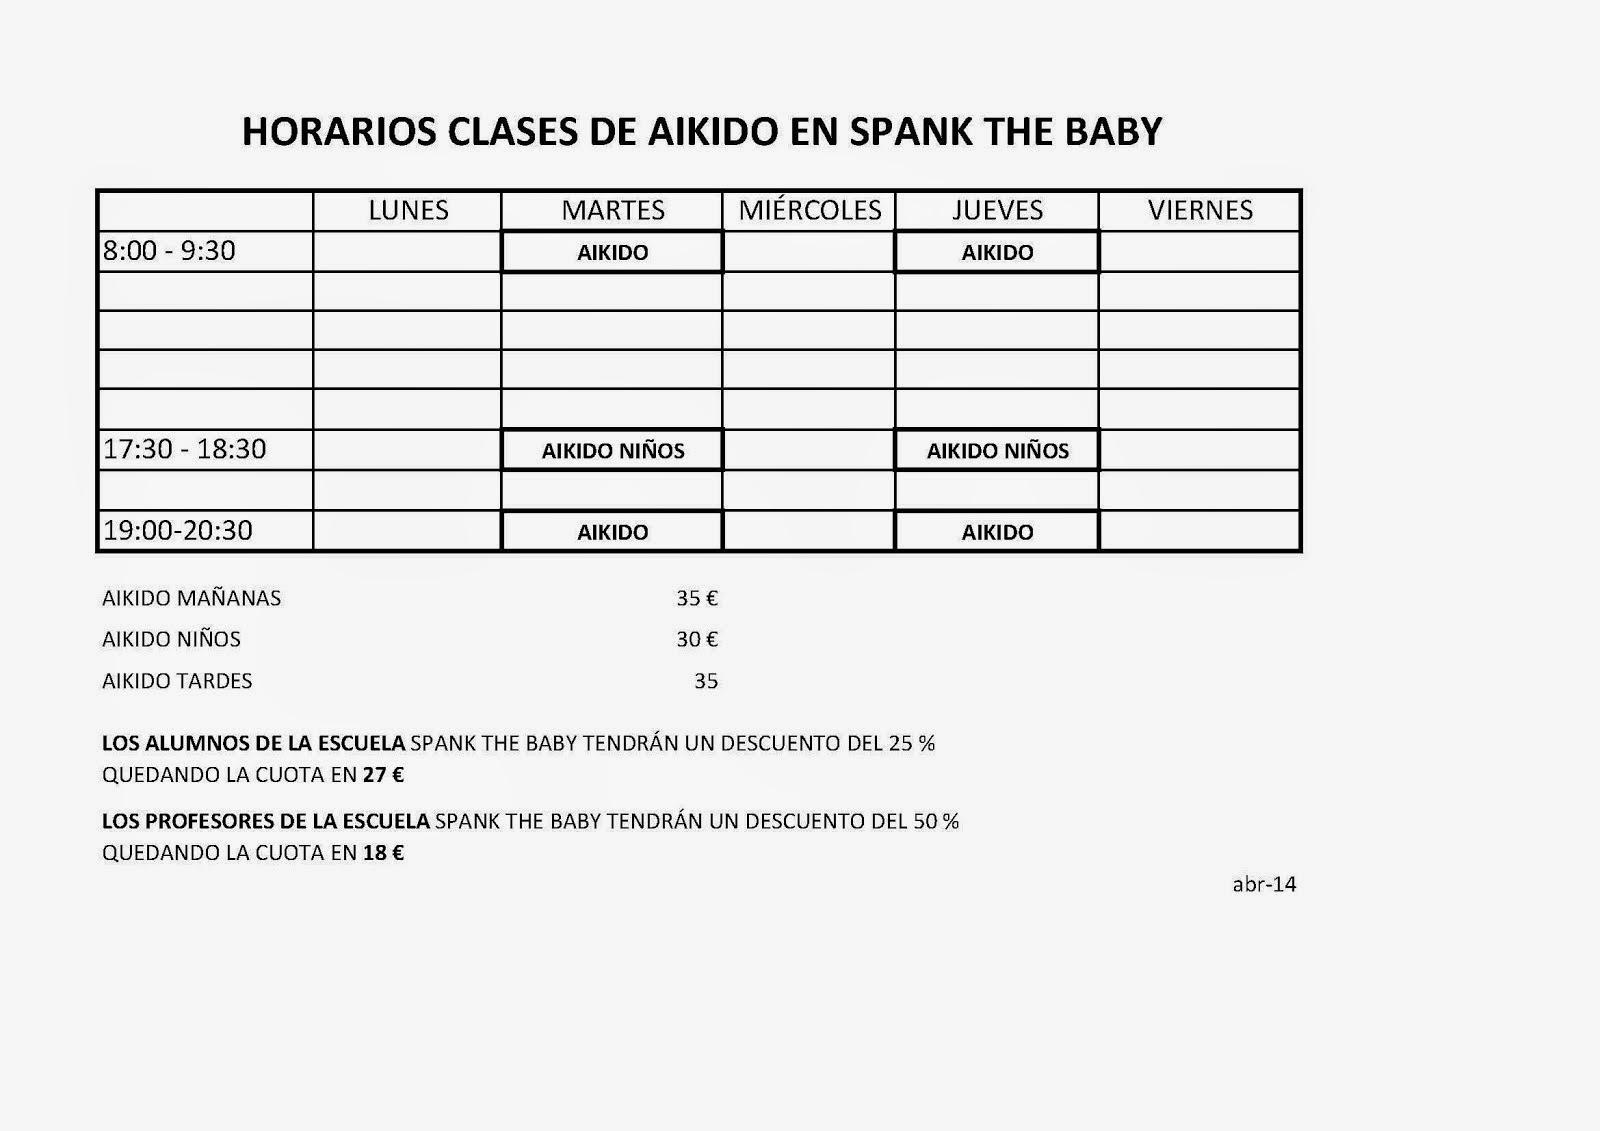 HORARIOS EN SPANK THE BABY